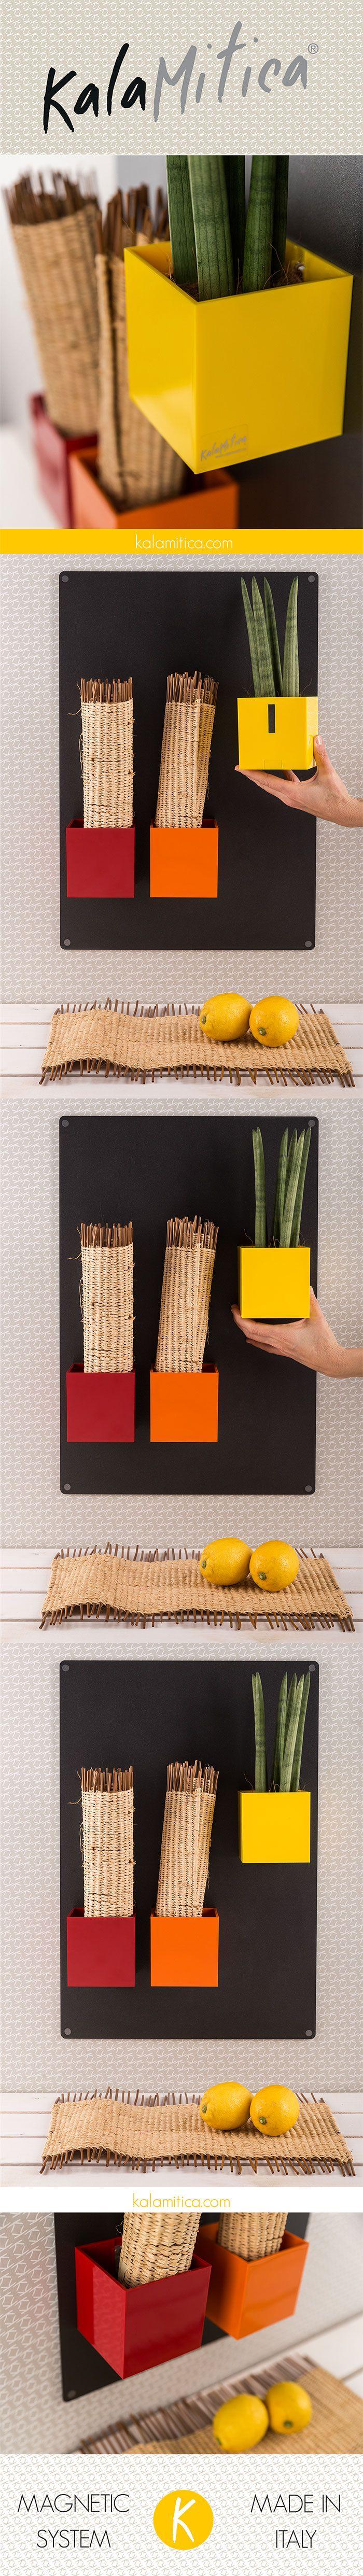 KALAMITICA IS...ACID YELLOW LEMON Soluzione ideale per liberare il piano di lavoro utilizzando le pareti. Combinazione di tre cubi (dim. 9 cm) dai toni rossi con lavagna 56x38 cm color antracite. Per saperne di più: kalamitica.com